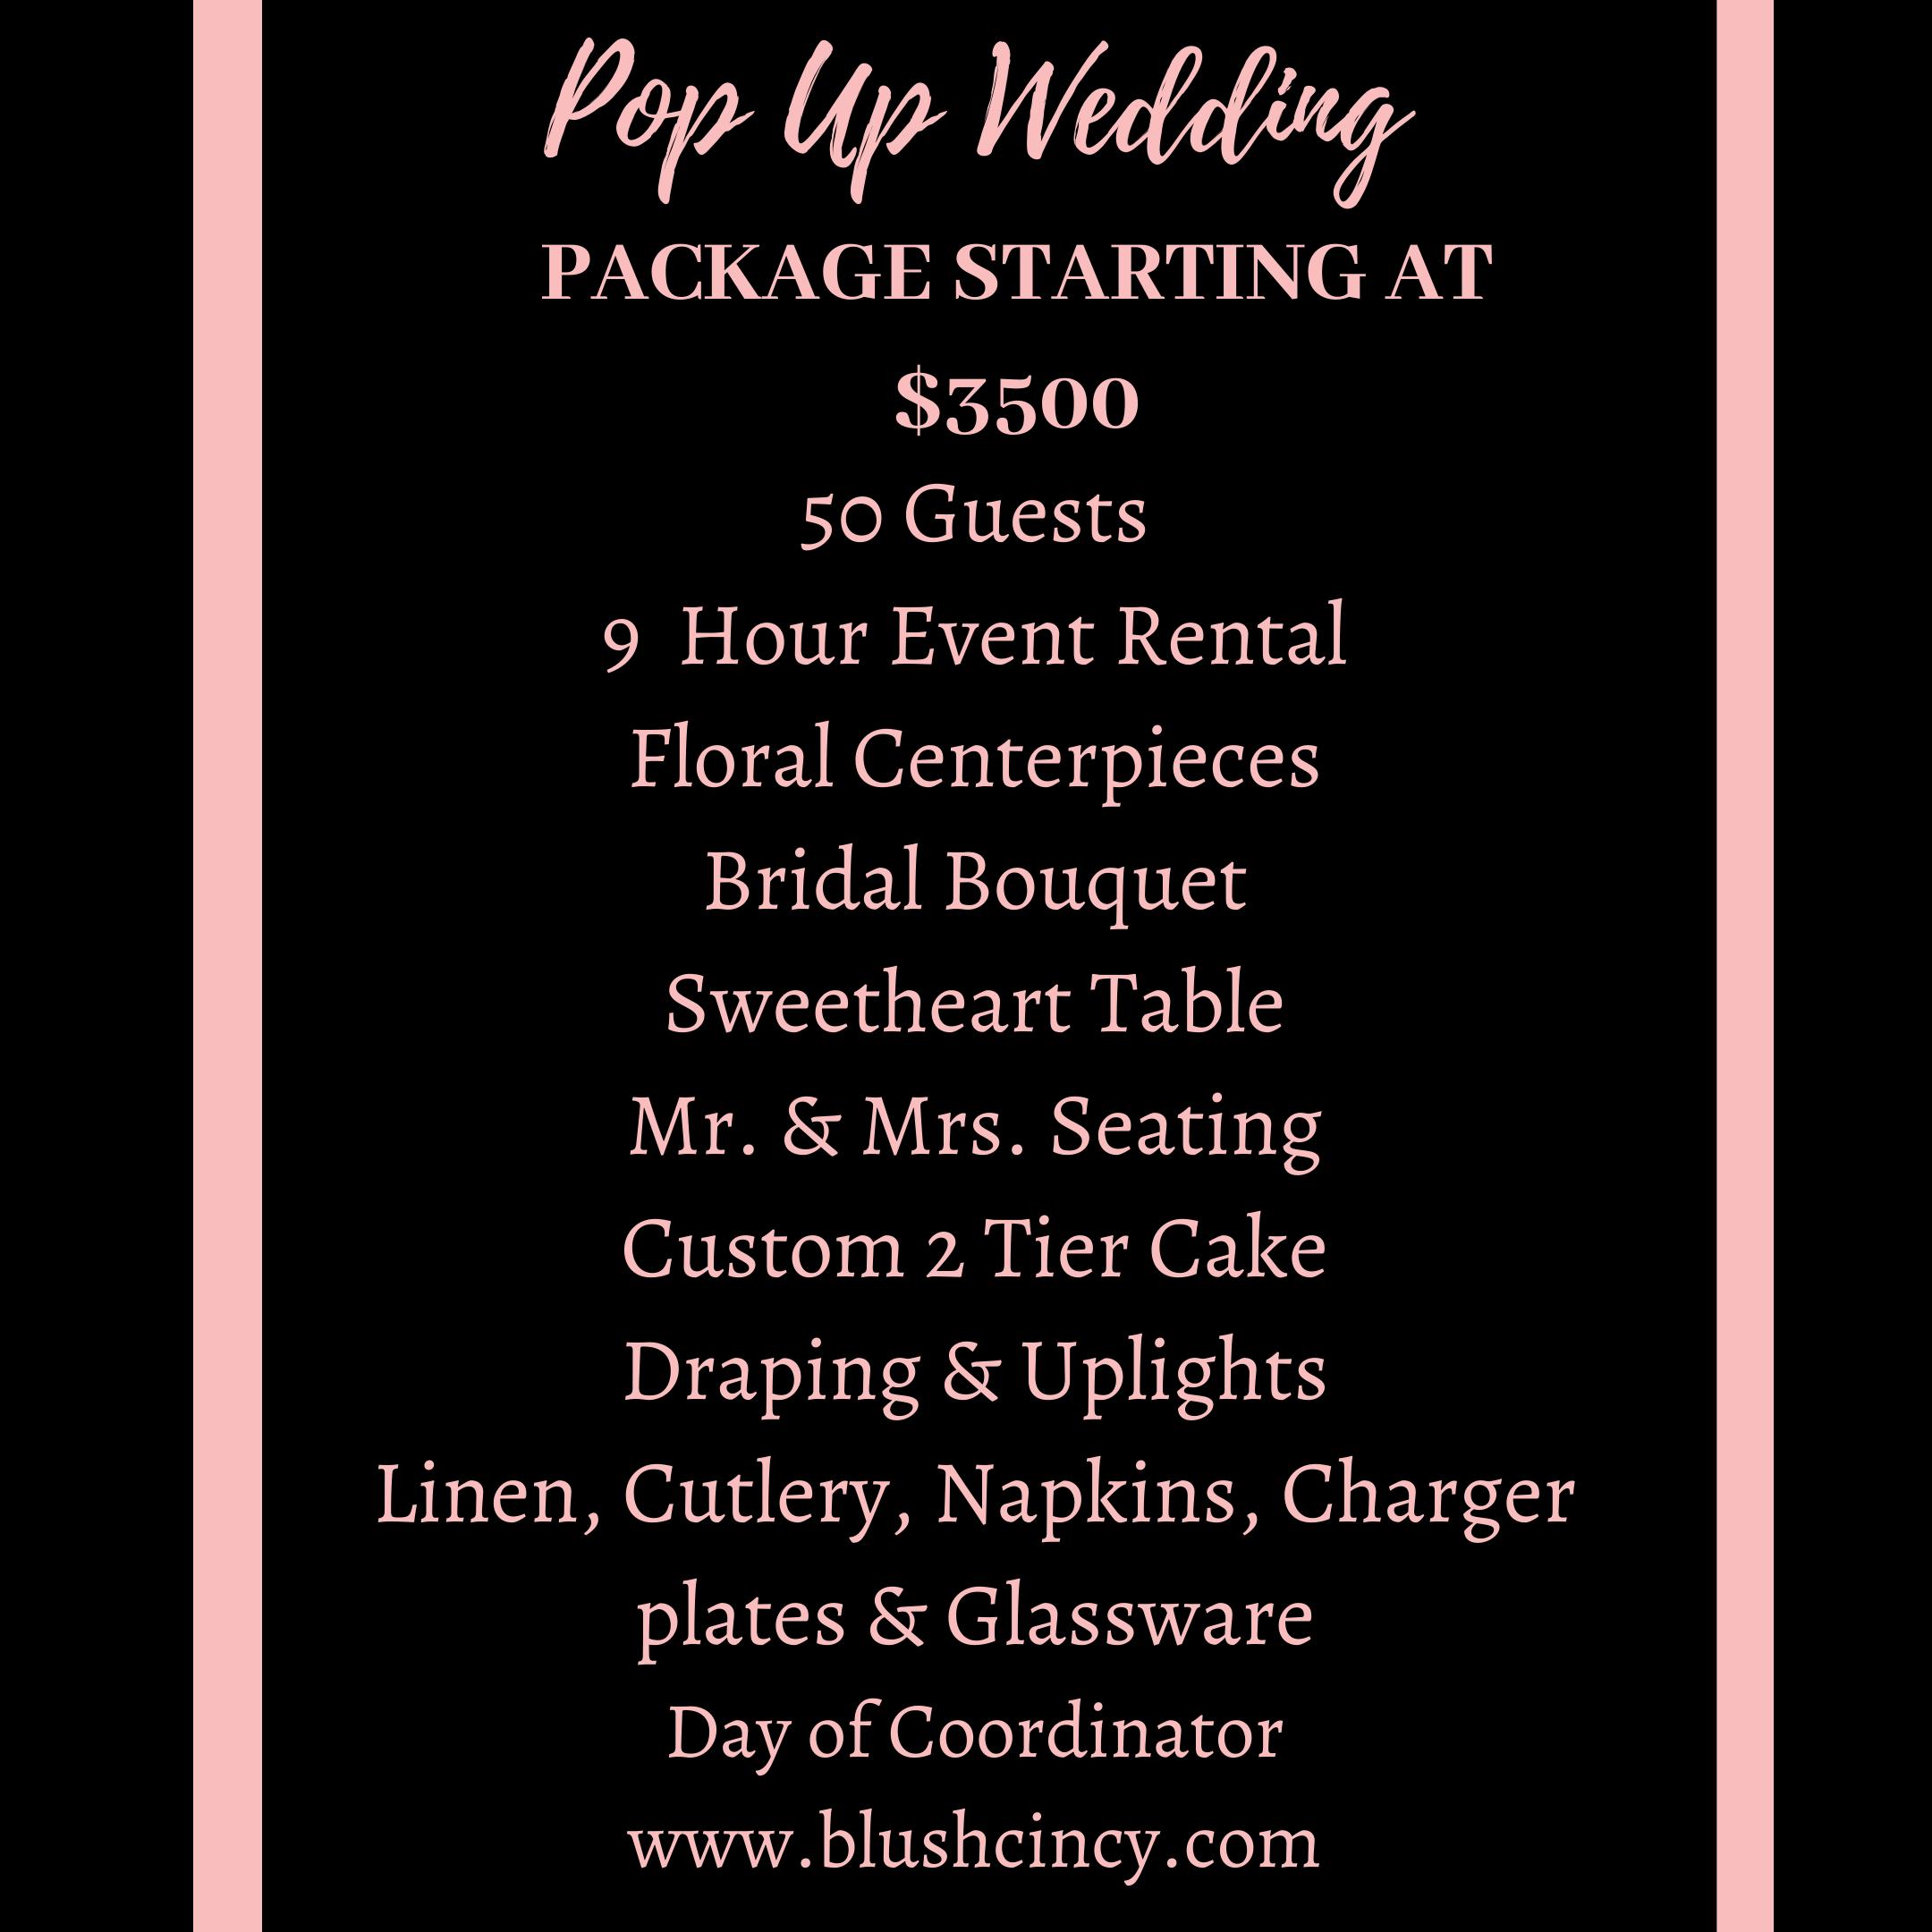 Pop - Up Wedding